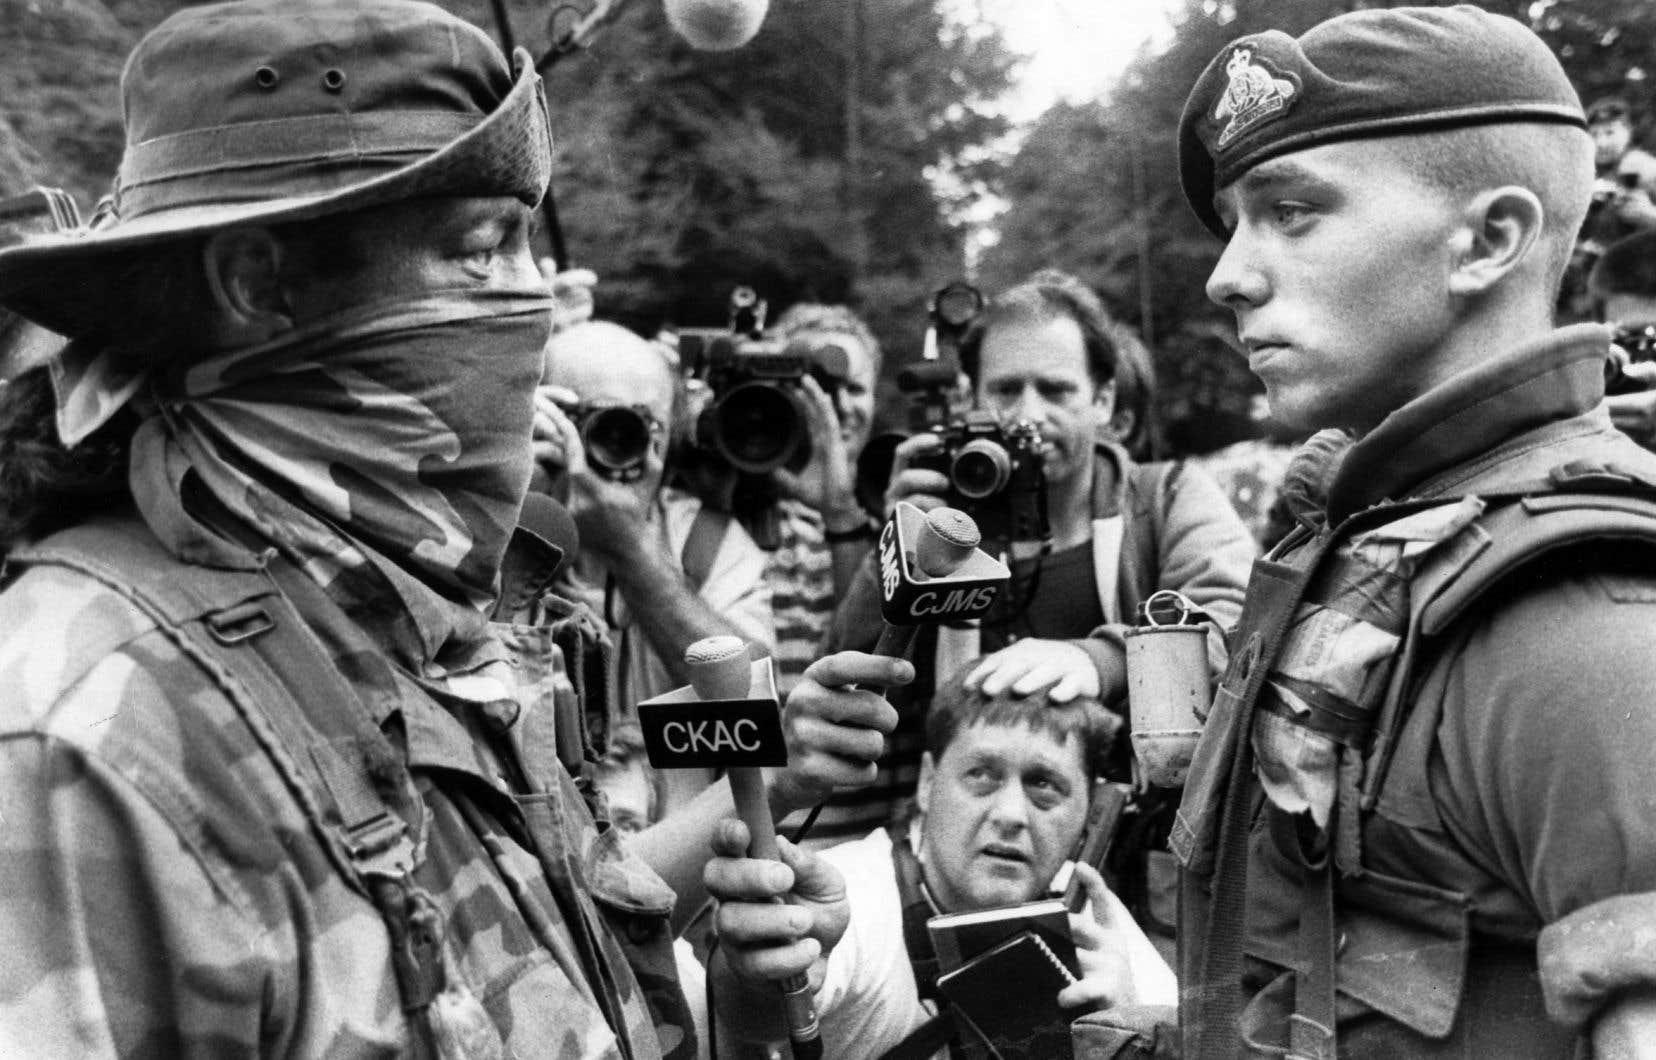 Un membre des Warriors, un groupe militant pour les droits territoriaux des Mohawks, et un soldat de l'armée canadienne se défient devant un rassemblement de médias, le 10 septembre 1990, en pleine crise d'Oka.